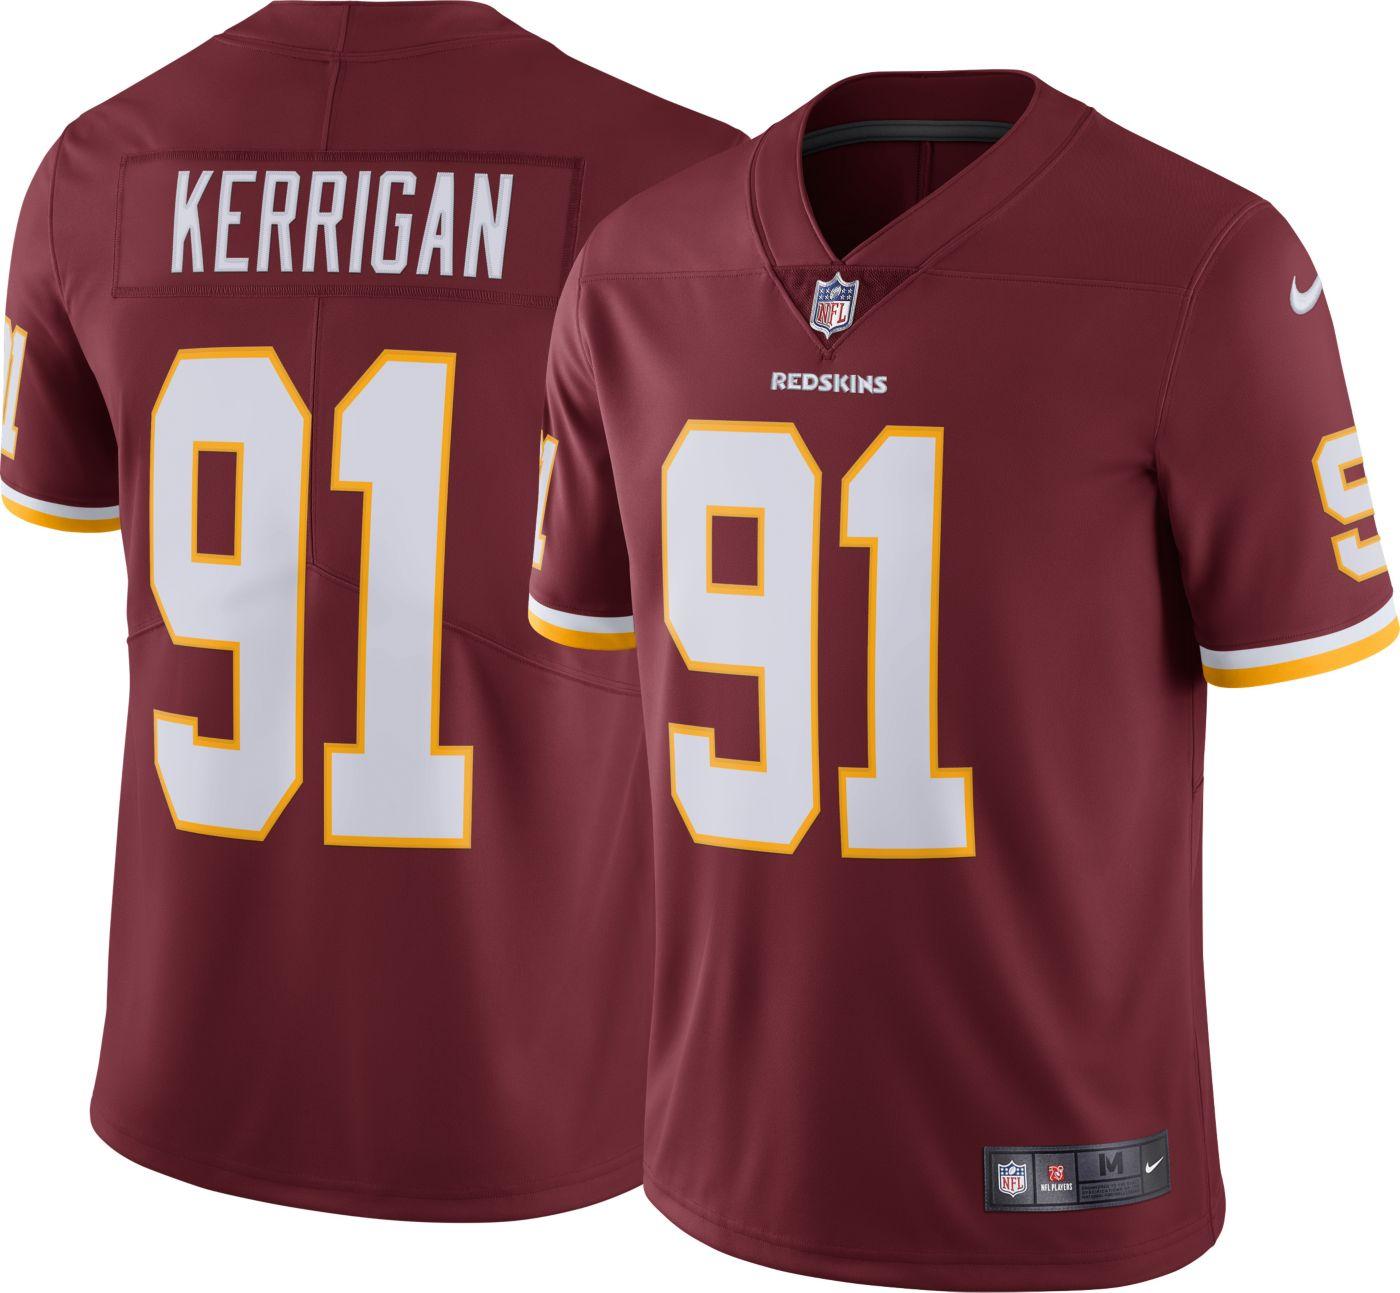 Nike Men's Home Limited Jersey Washington Redskins Ryan Kerrigan #91